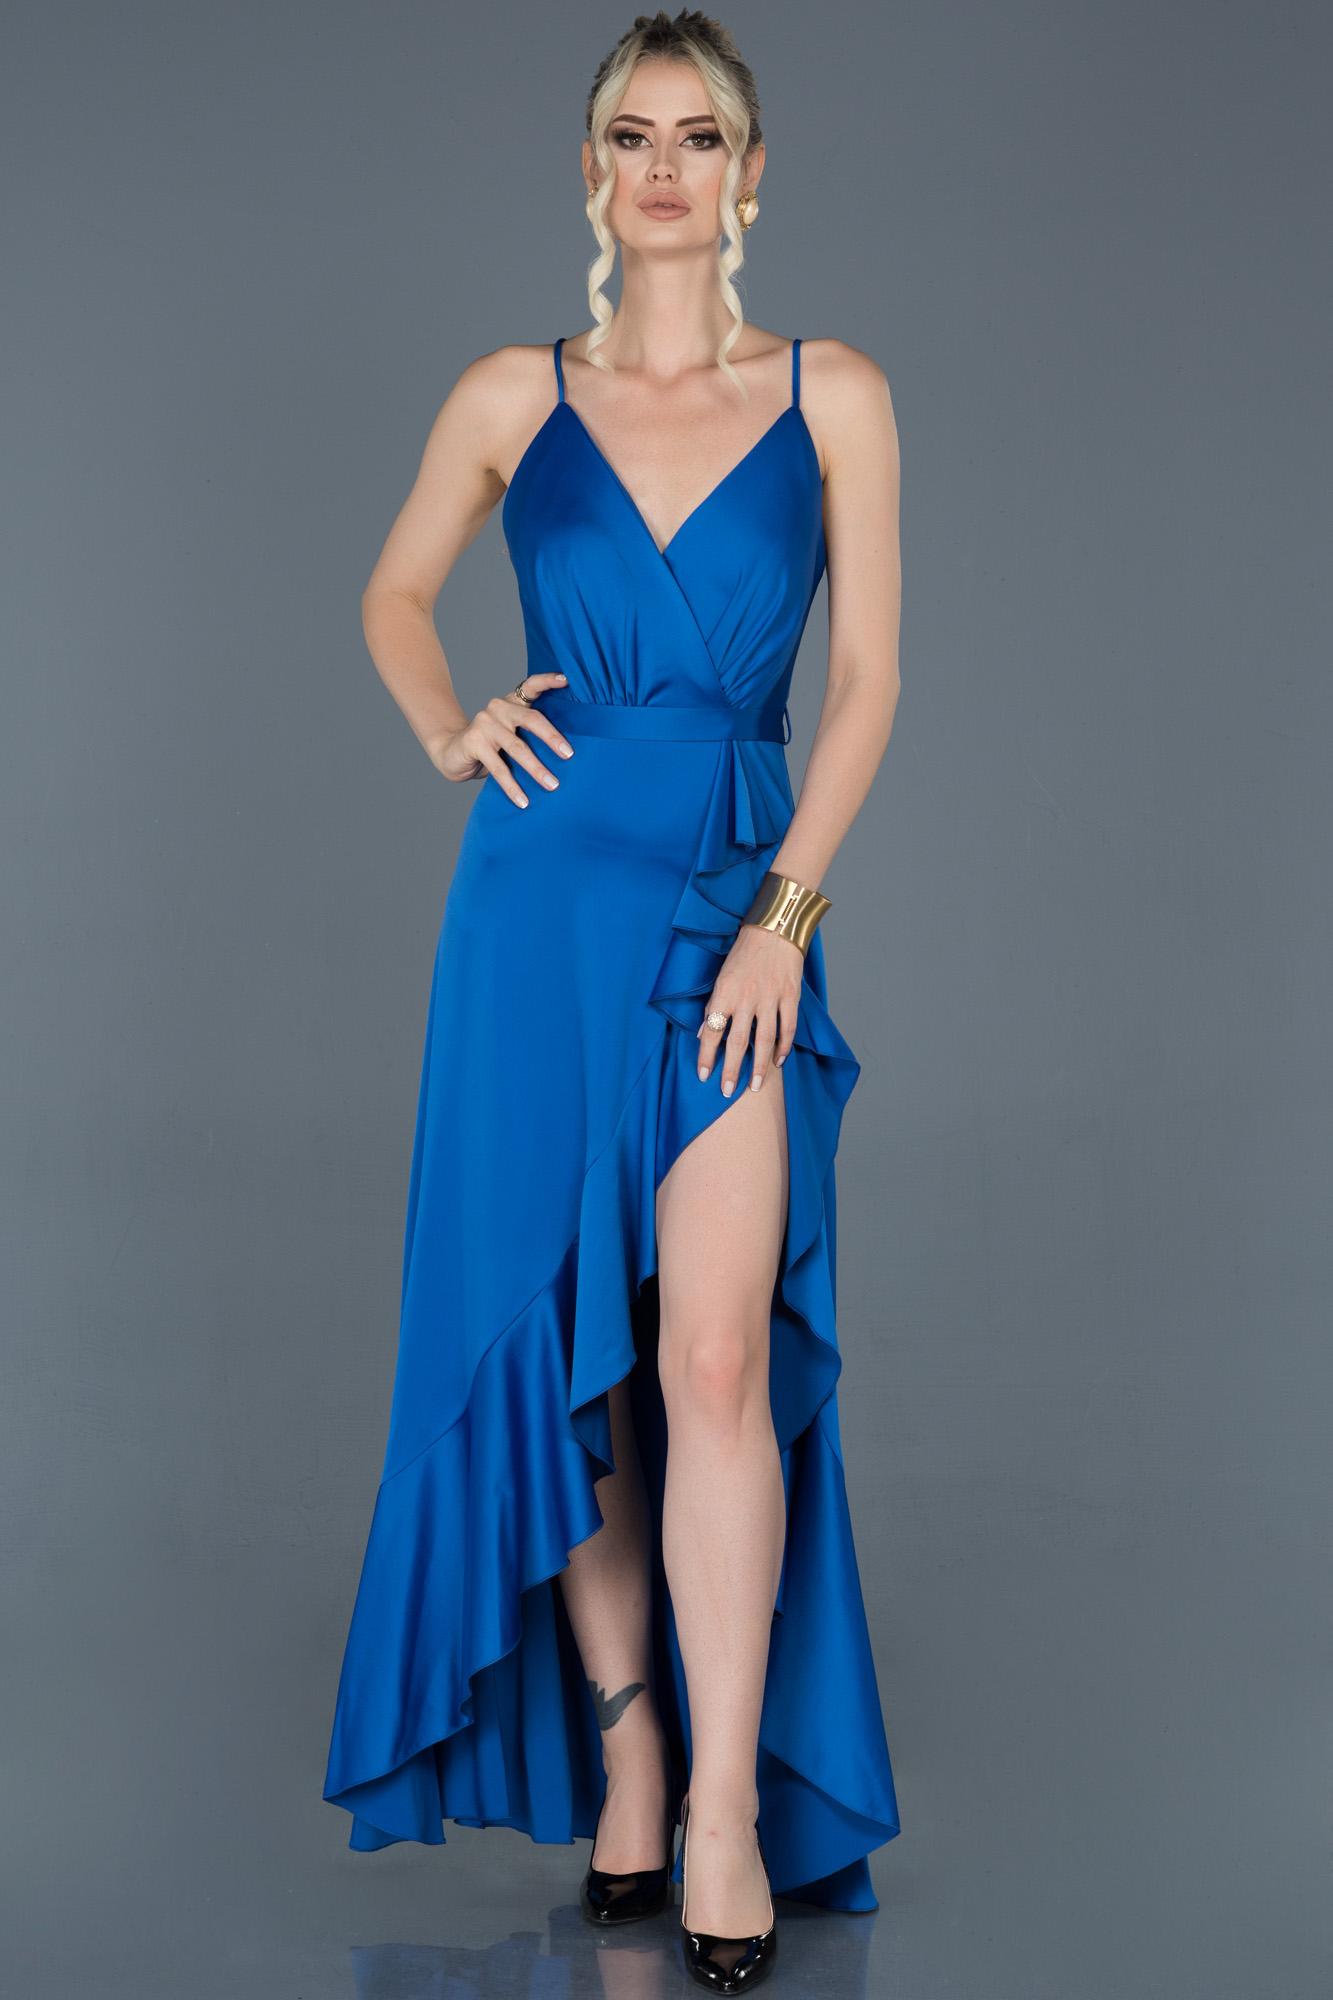 Saks Mavi Önü Kısa Arkası Uzun Saten Abiye Elbise